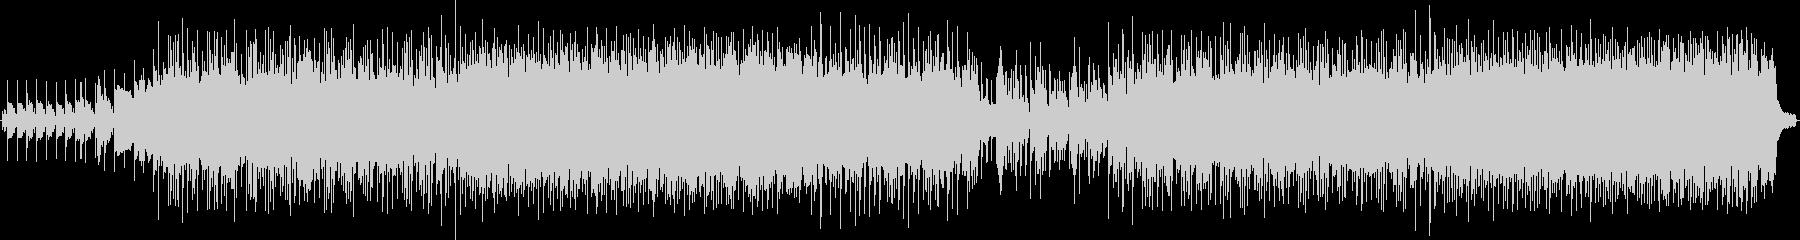 ピアノメインのノスタルジックなバラードの未再生の波形